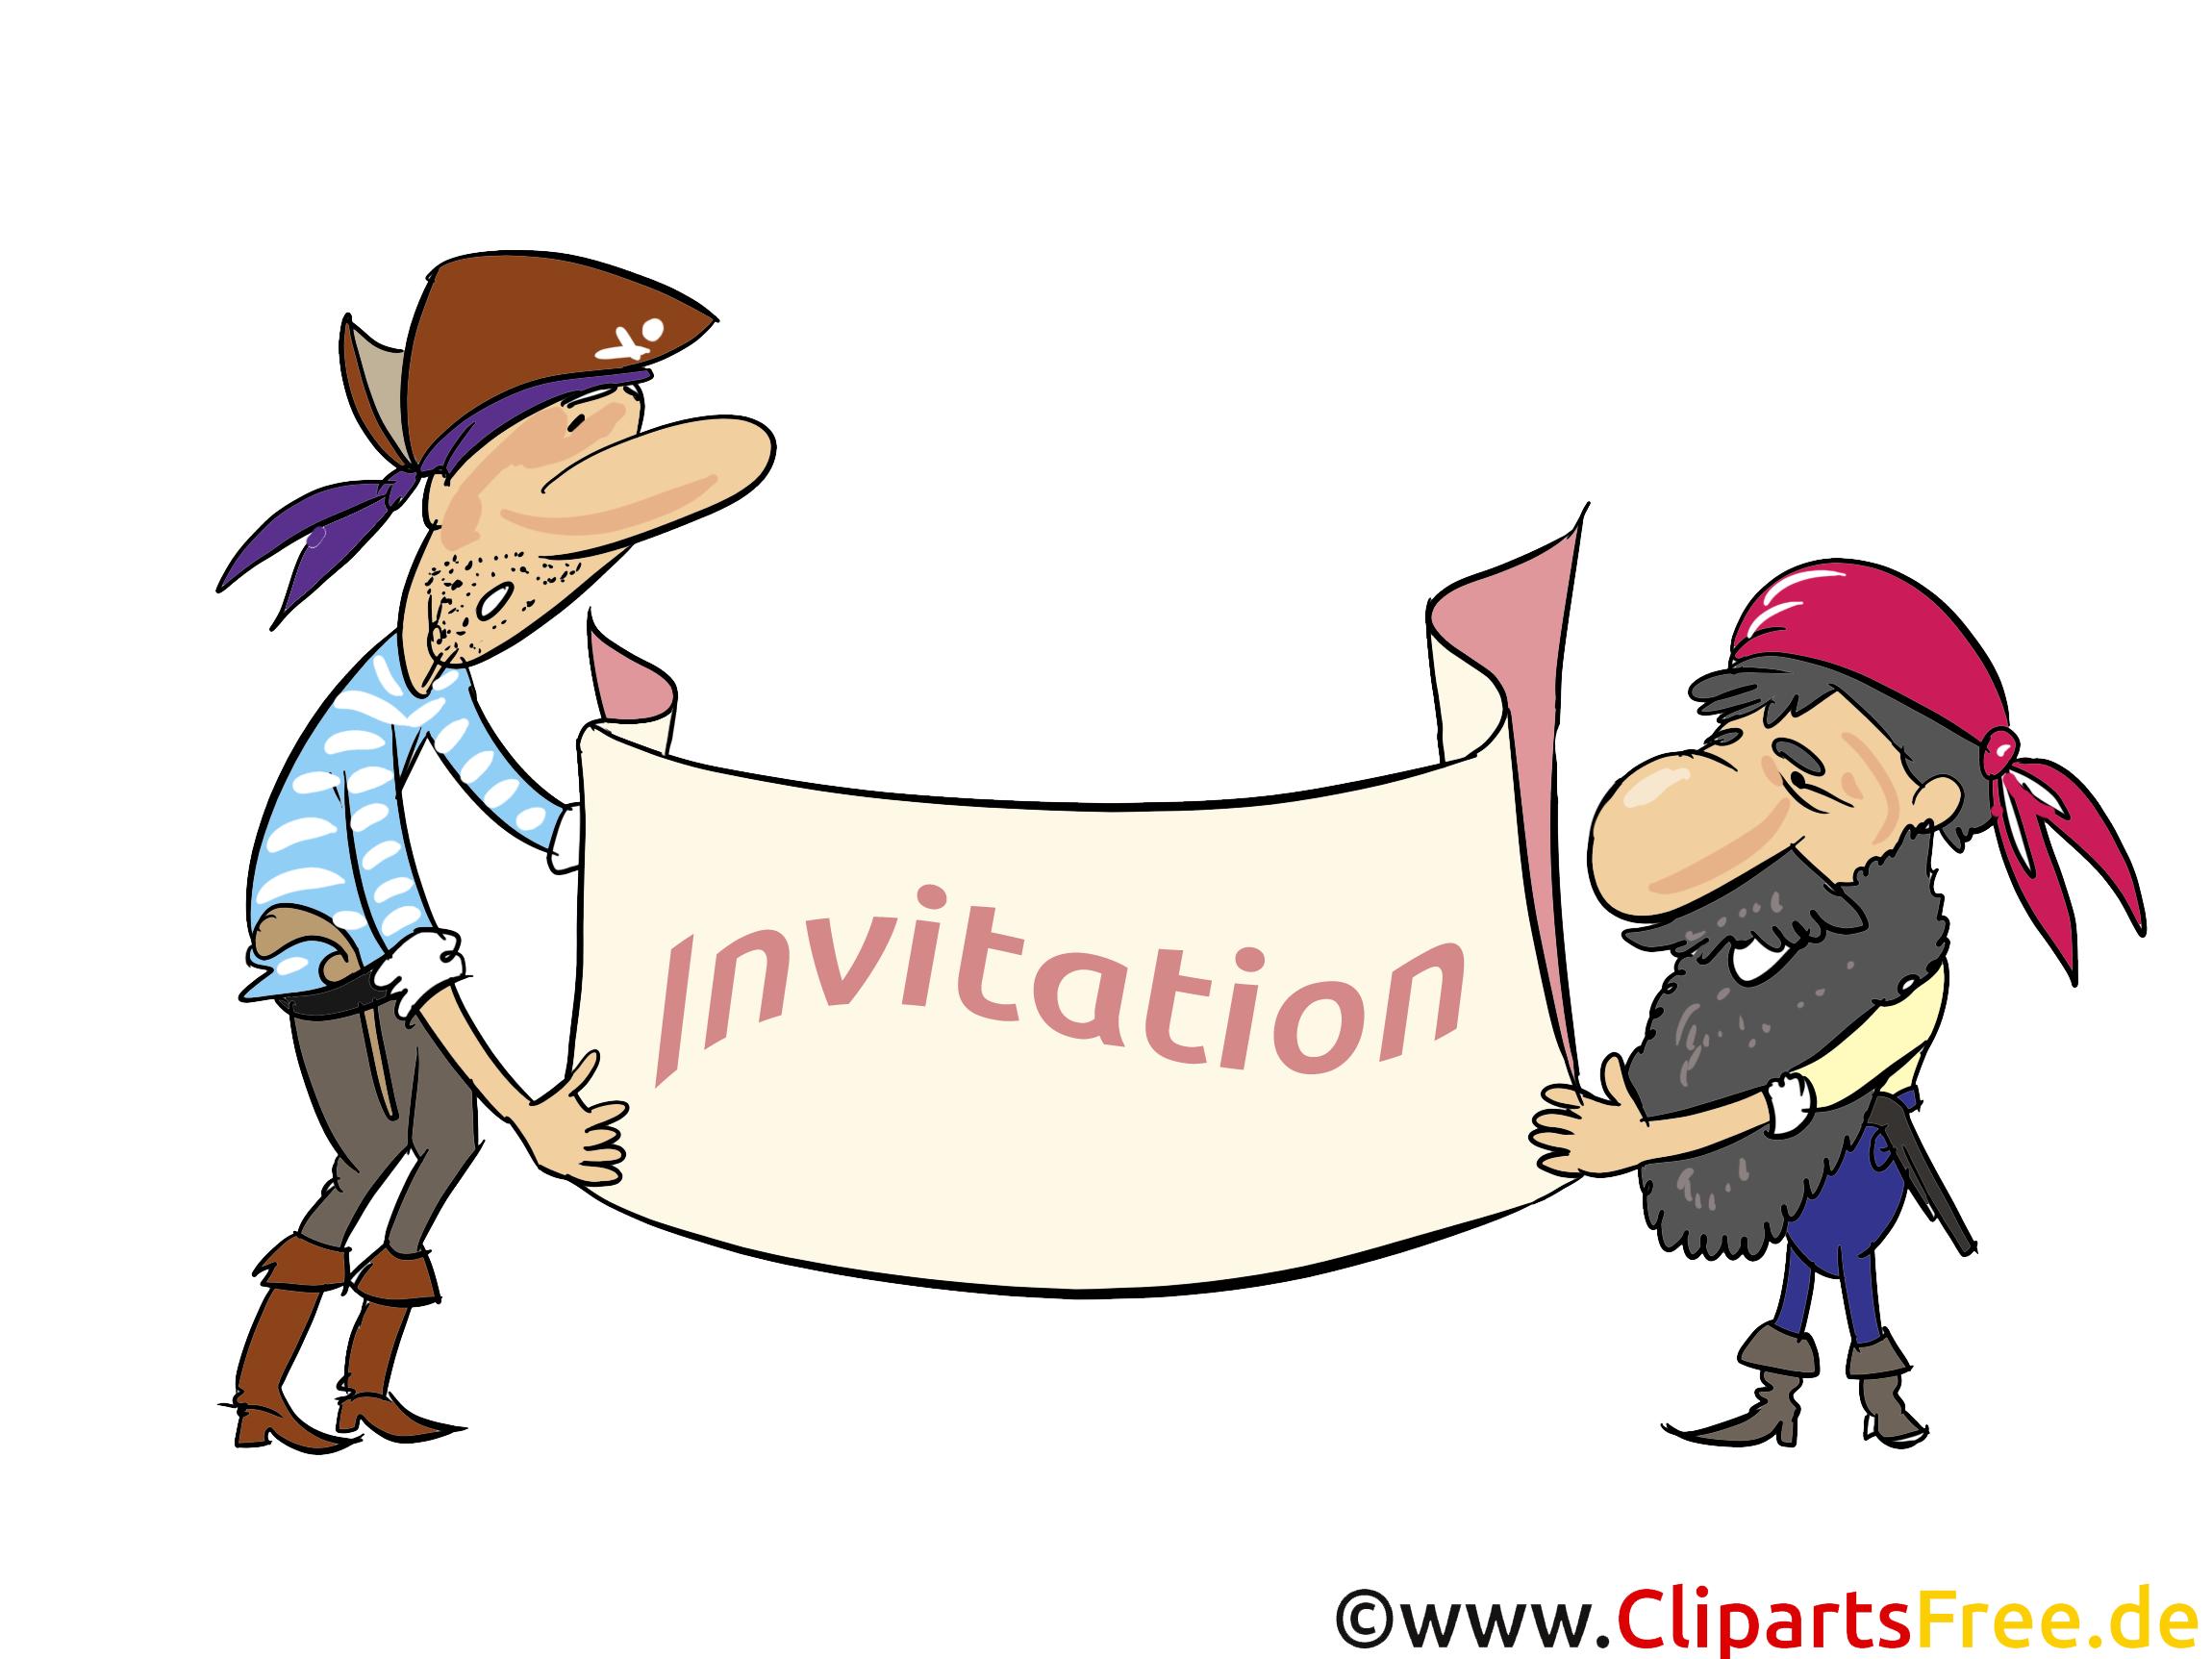 Pirates clip art gratuit - Invitation dessin